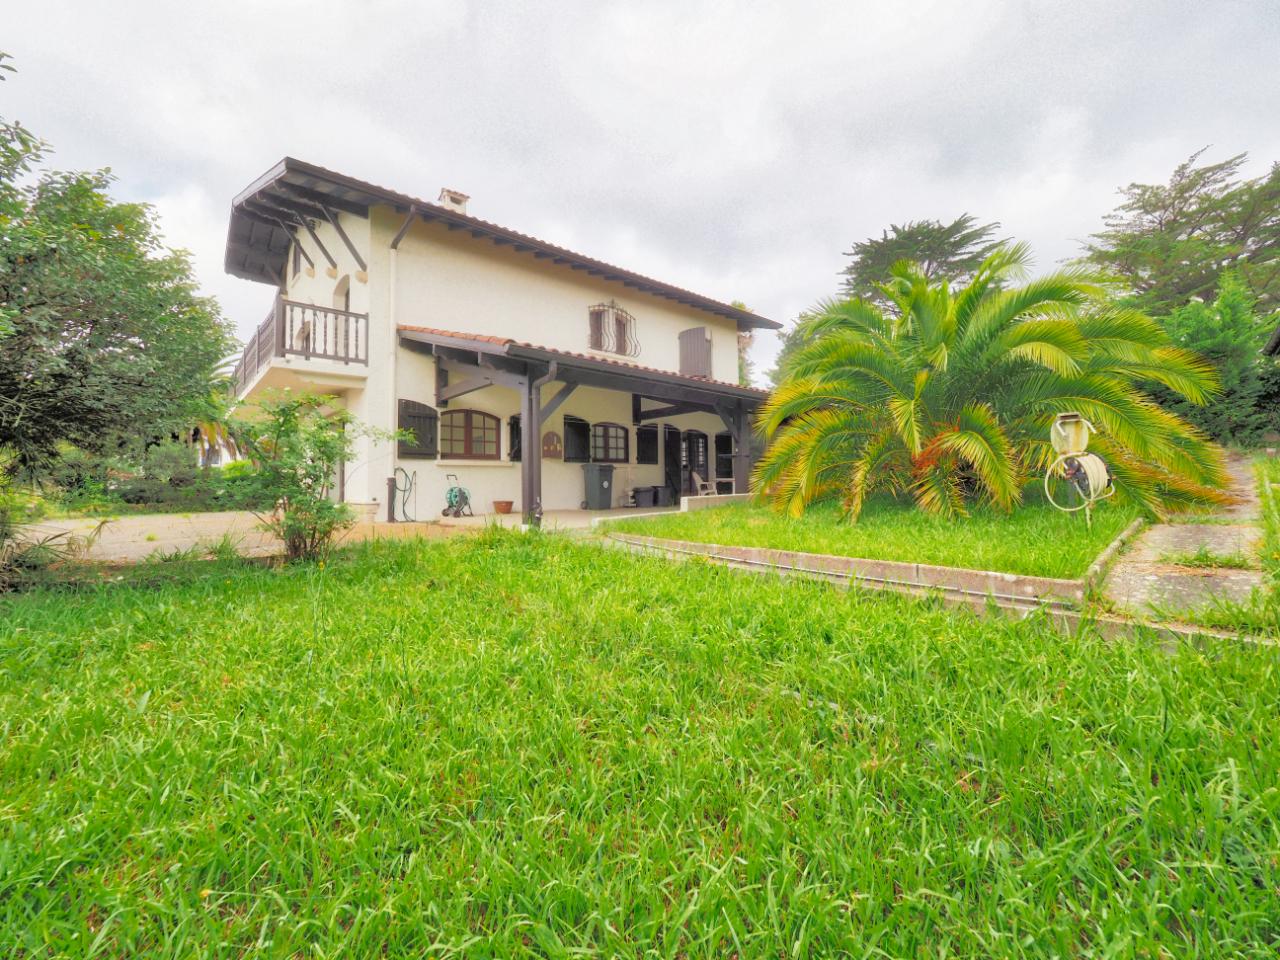 vente maison à SAINT JEAN DE LUZ - 890 000